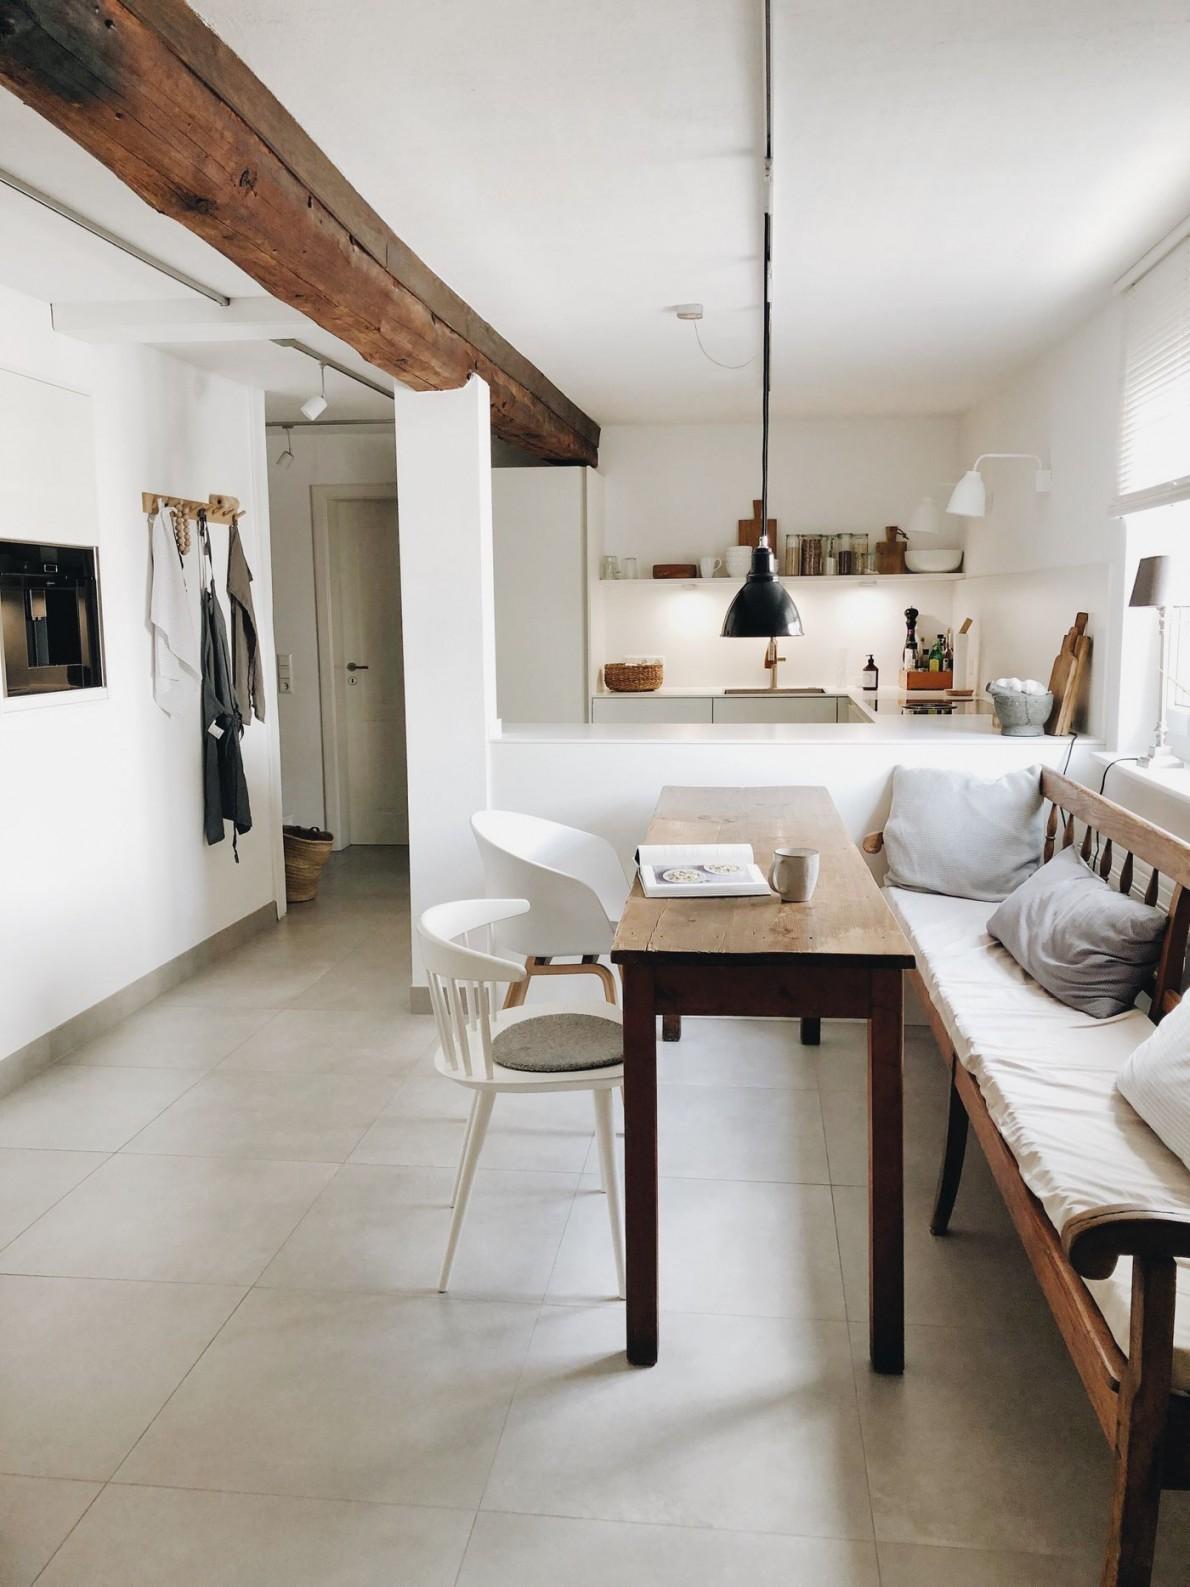 Die Schönsten Wohnideen Im Landhausstil von Einrichtung Landhausstil Dekoration Photo